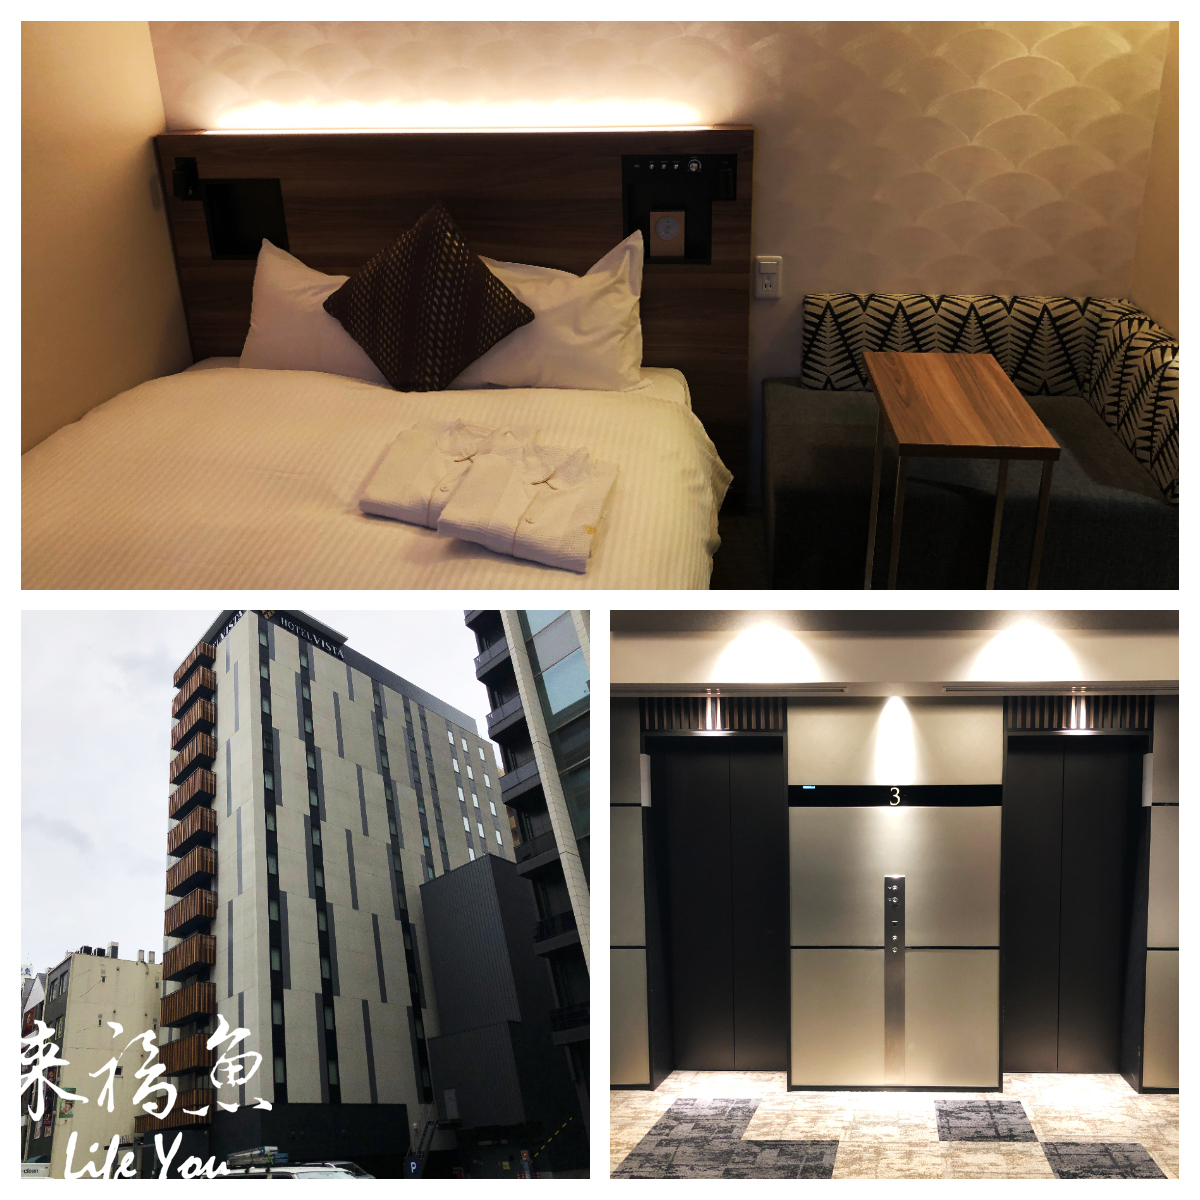 hotel vista nagoya nikishi